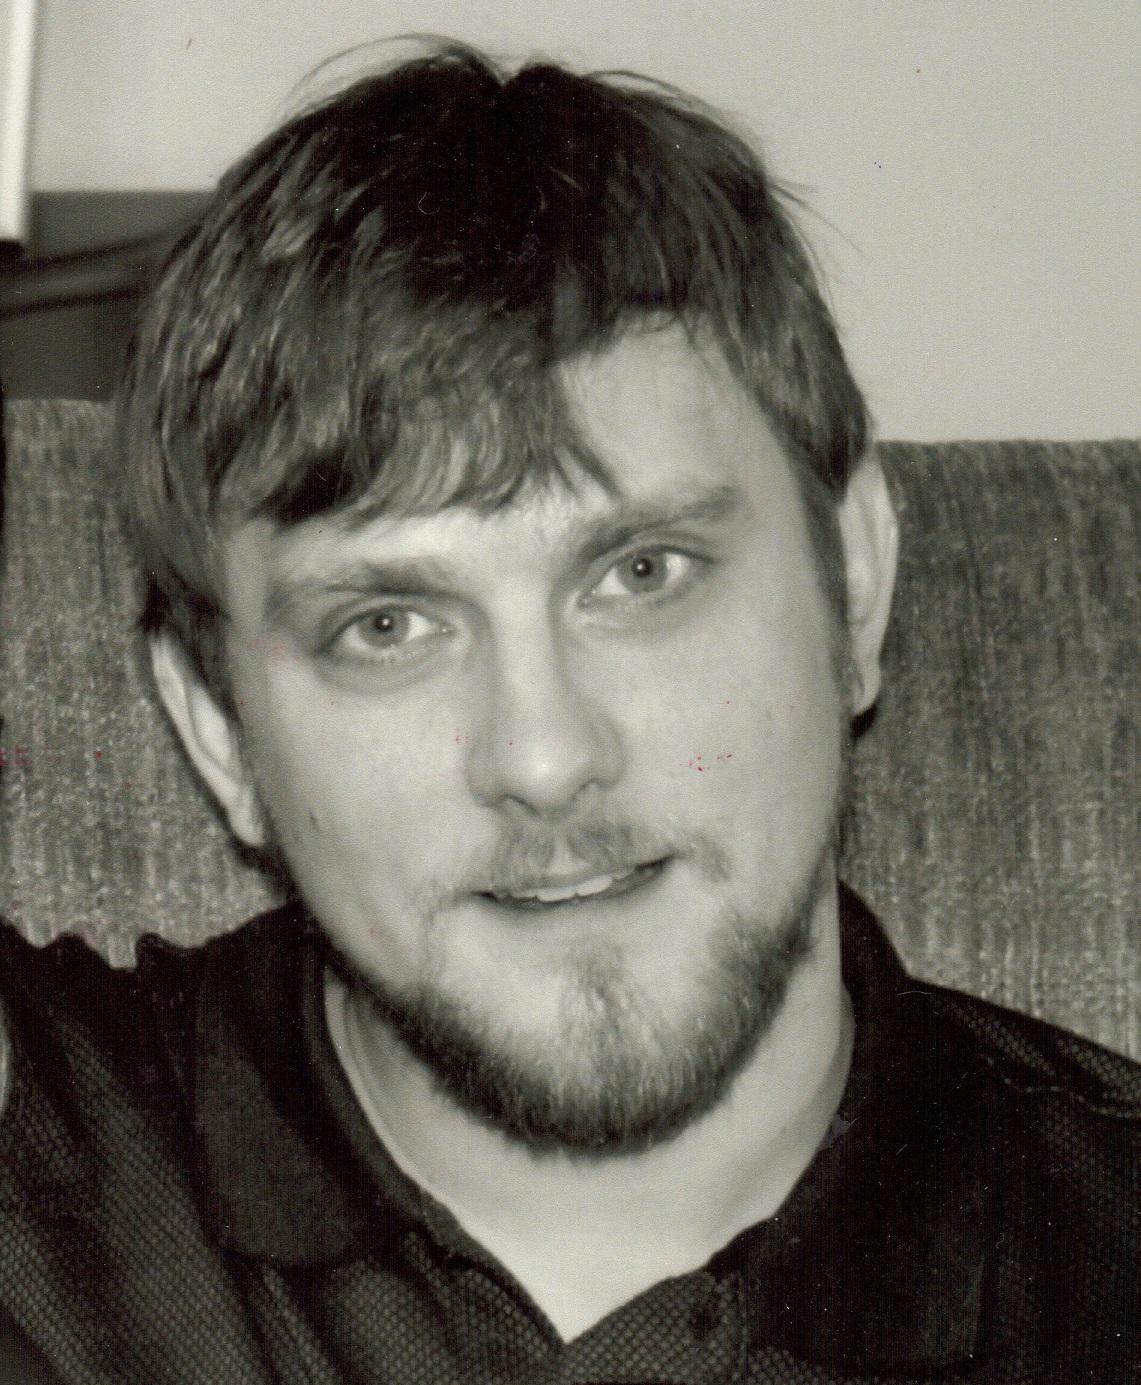 Jared M. Knies, age 31 of Jasper